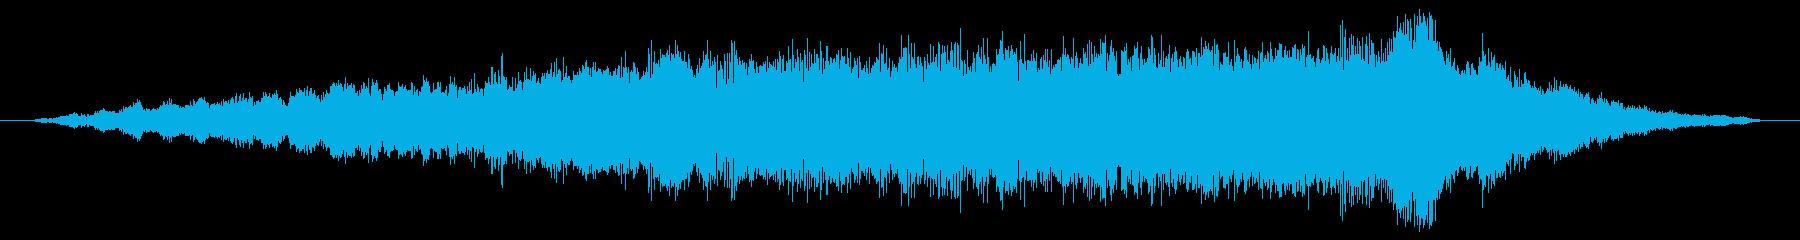 素材 大気の剥離05の再生済みの波形